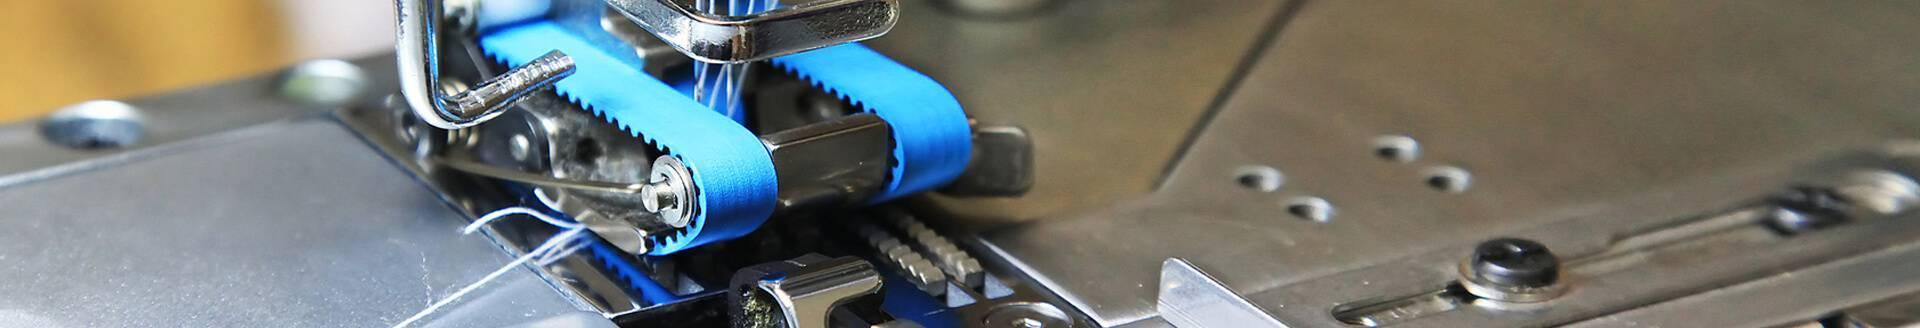 Venta online de prensatelas para máquinas de coser industriales